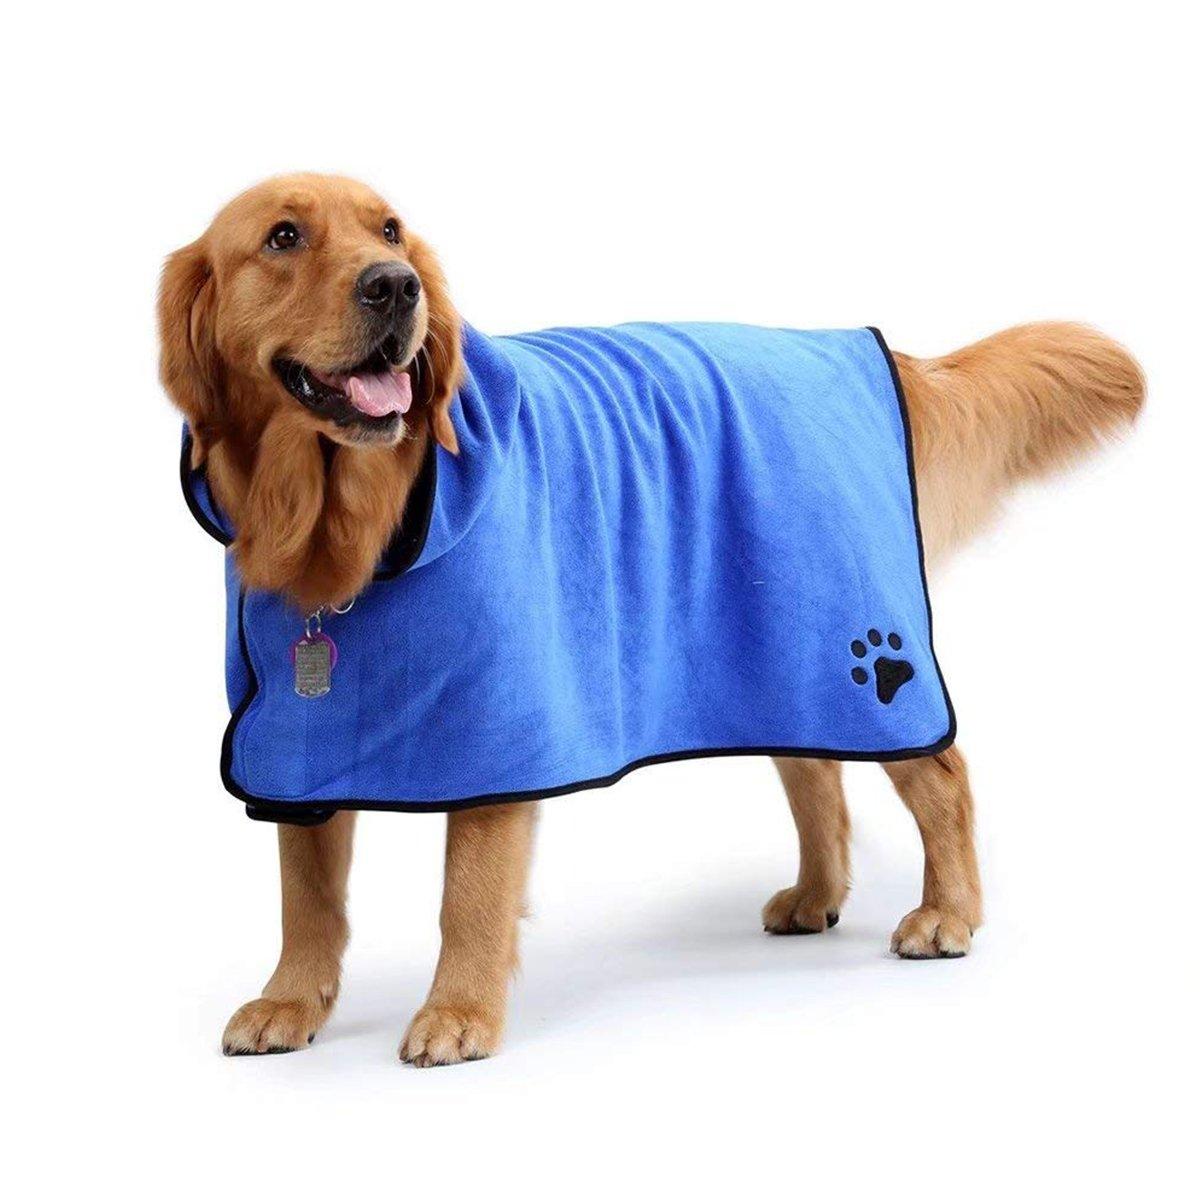 PETCUTE Perro Toalla Toalla Perro Albornoz Toga Perro Toalla Perro Absorbente Pijamas Pequeño Mediano Tamaño Grande: Amazon.es: Productos para mascotas